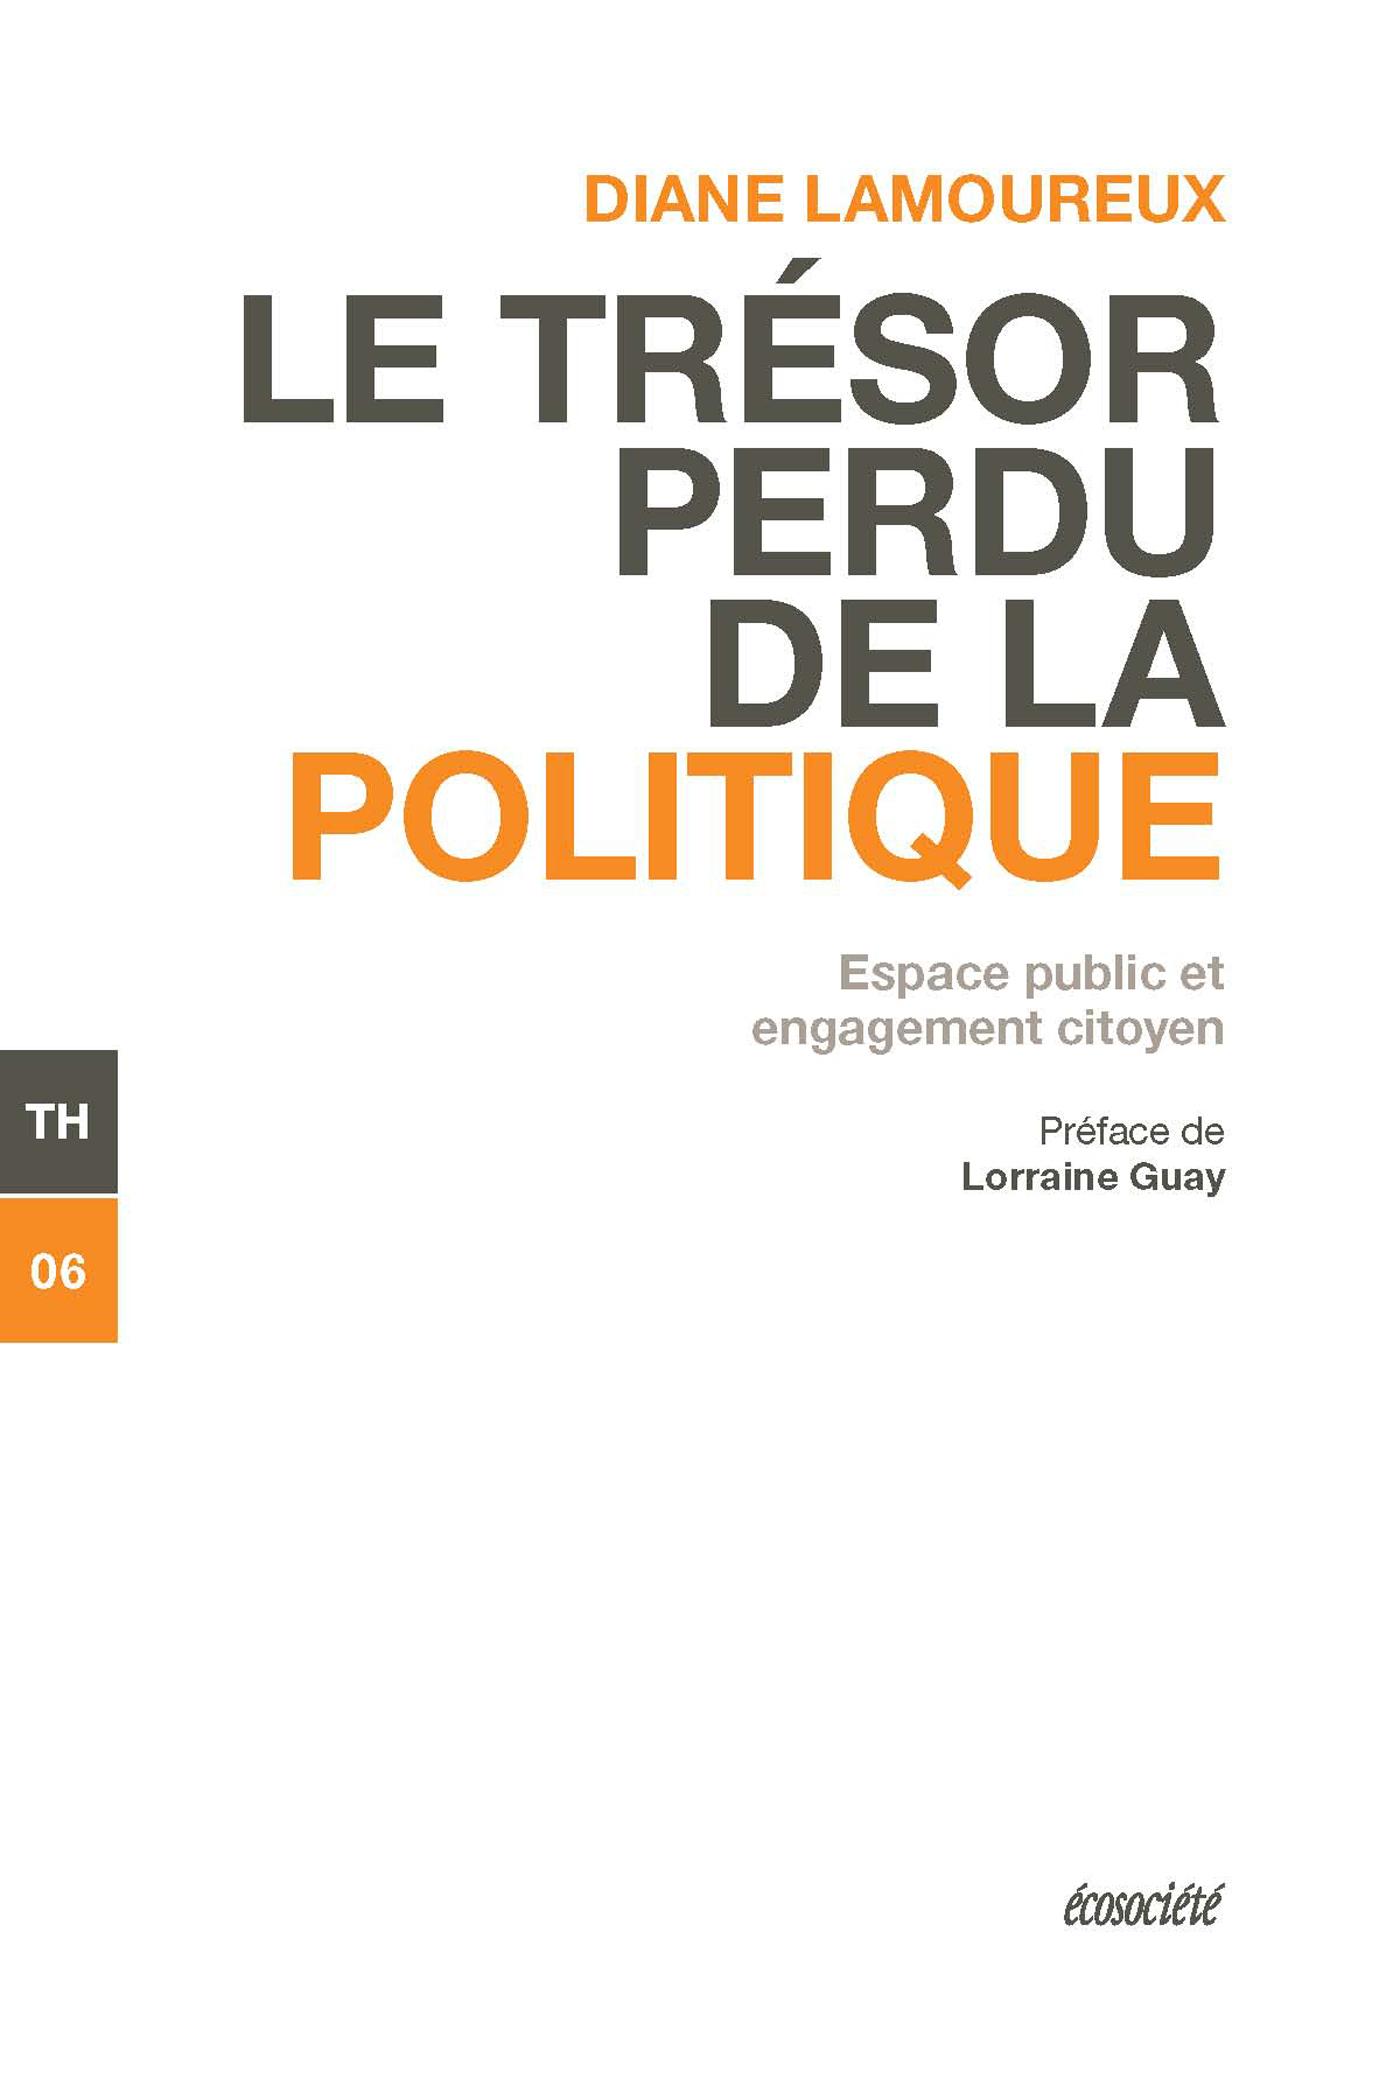 Le trésor perdu de la politique, Espace public et engagement citoyen